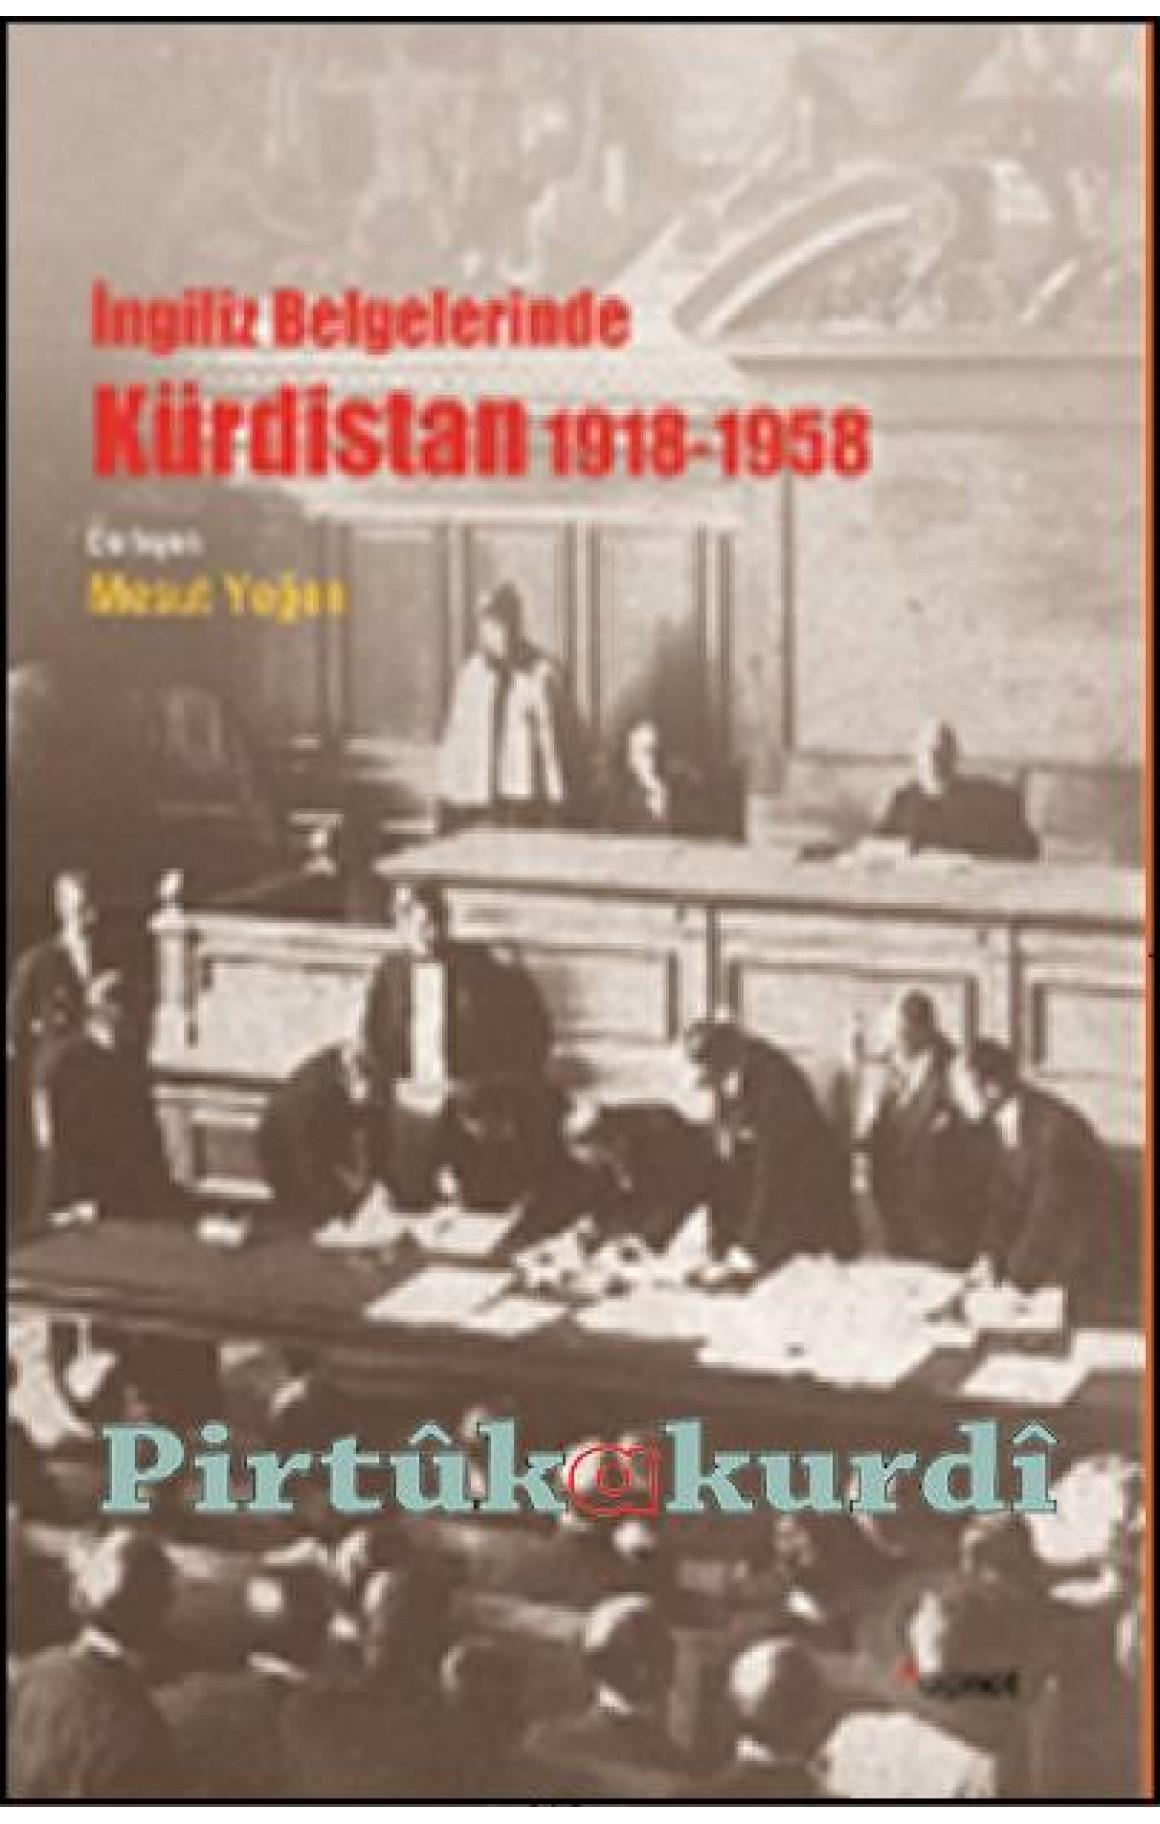 İngiliz Belgelerinde Kürdistan (1918-1958)